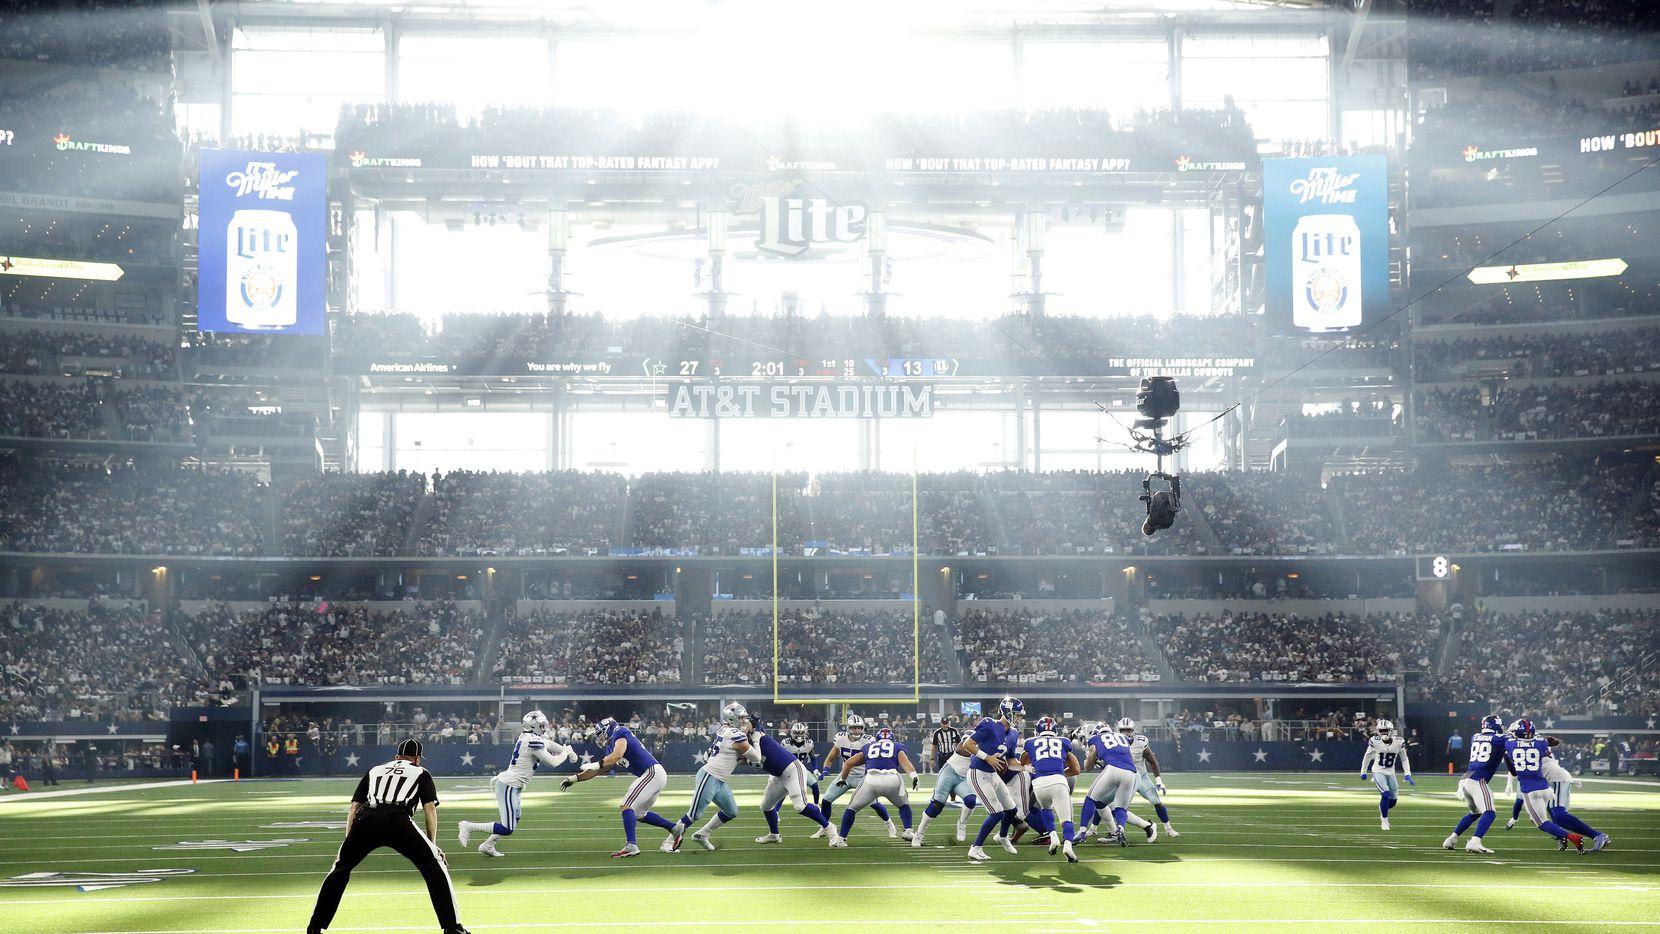 Panorámica del AT&T Stadium en el juego de  los Cowboys de Dallas y Giants de Nueva York, el 10 de octubre de 2021.